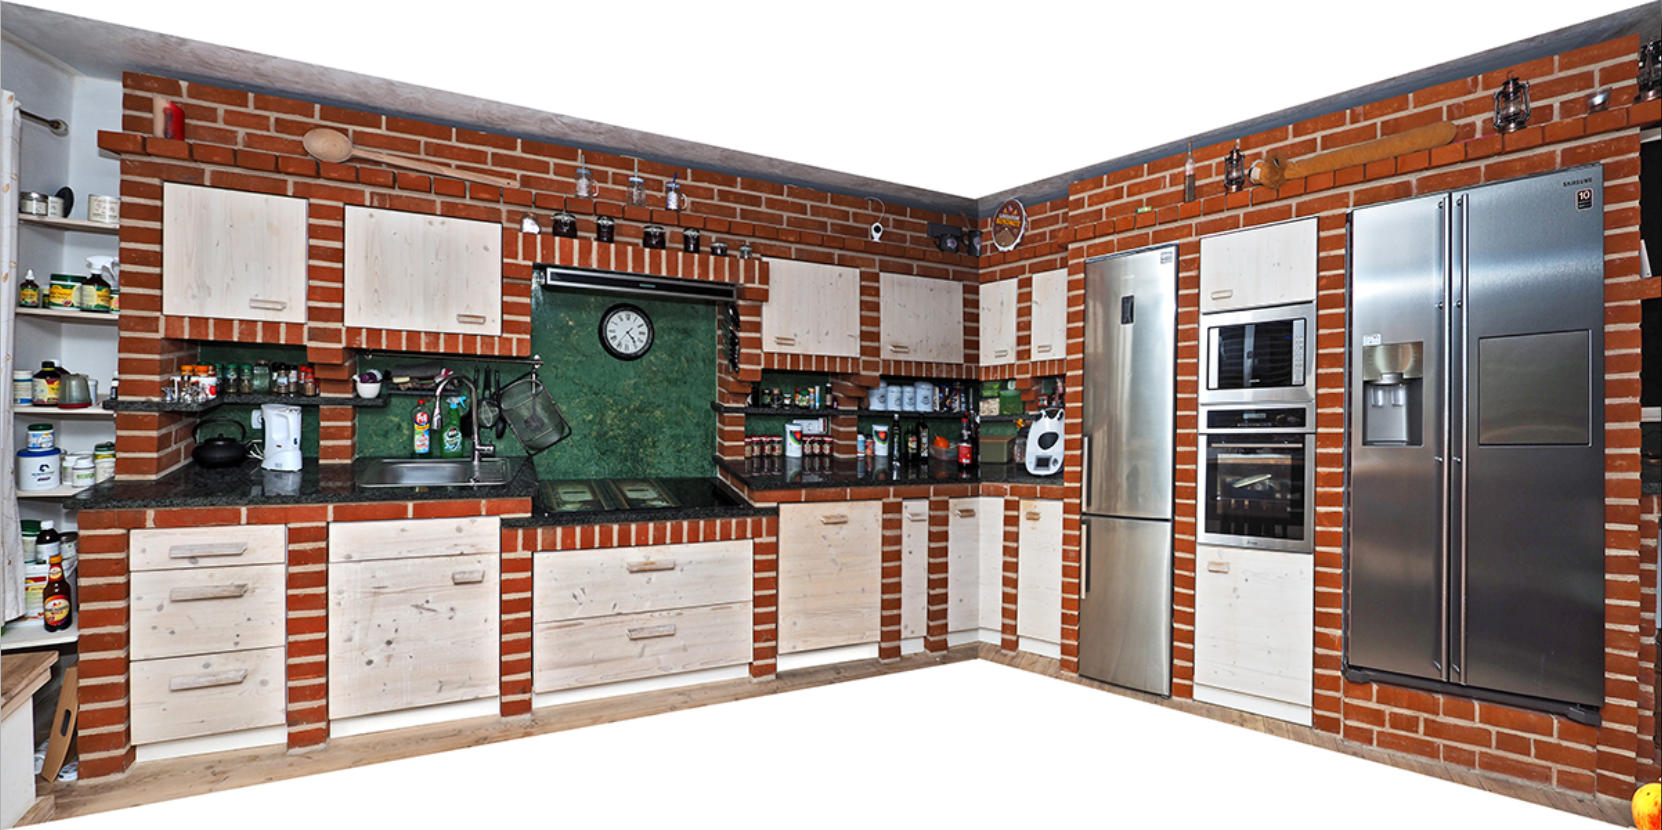 Full Size of Gemauerte Küche Referenzen 2018 Wasserhähne Deckenlampe Miniküche Aufbewahrung Schnittschutzhandschuhe Hochschrank Magnettafel Gebrauchte Kaufen Wohnzimmer Gemauerte Küche